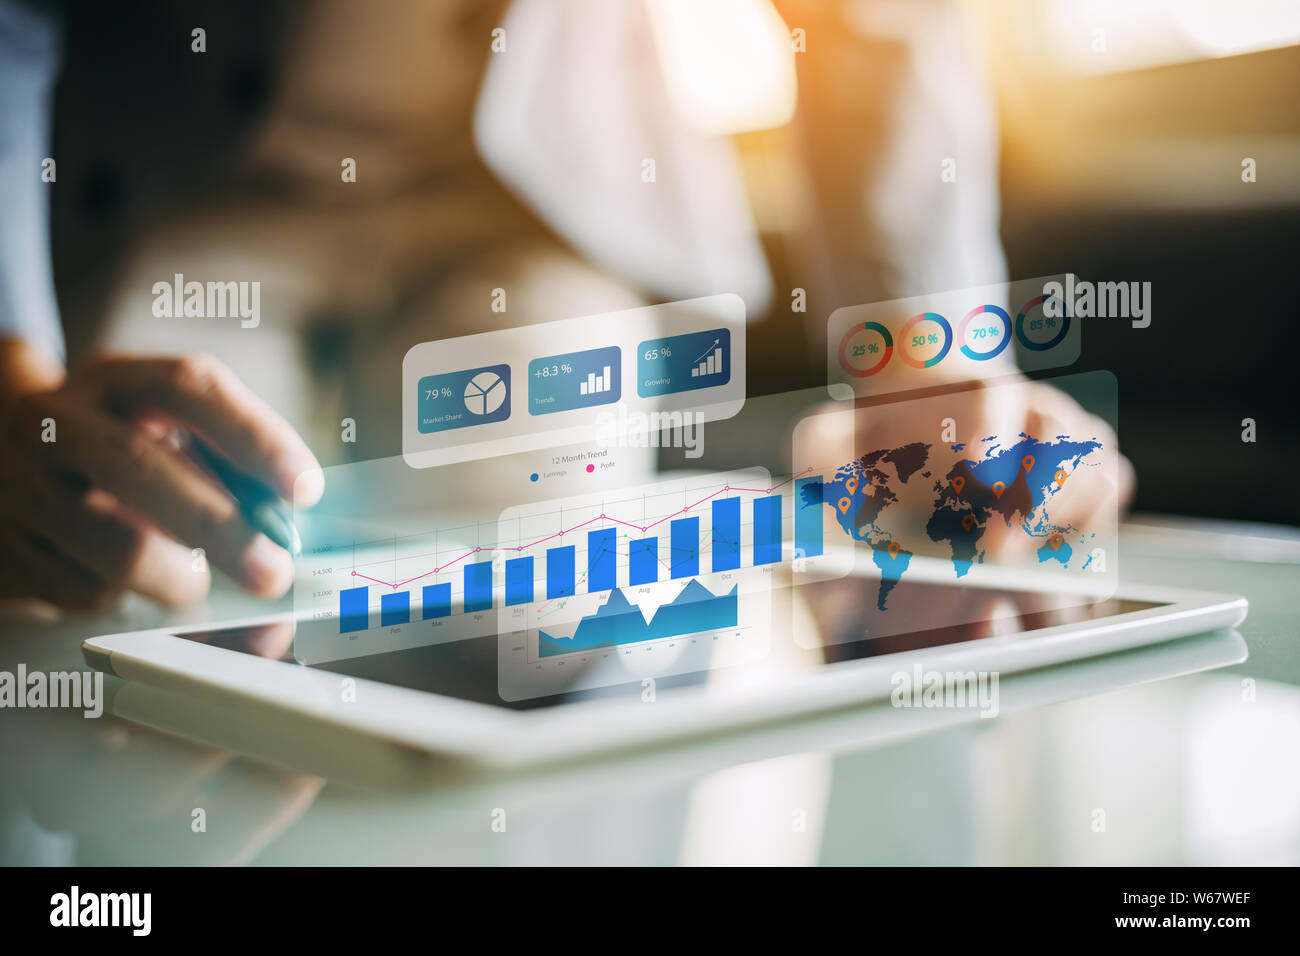 El empresario inversionista análisis financiero de la empresa informe del fondo mutuo de trabajo digital con la tecnología de gráficos de realidad aumentada. Concepto de negocio, Foto de stock